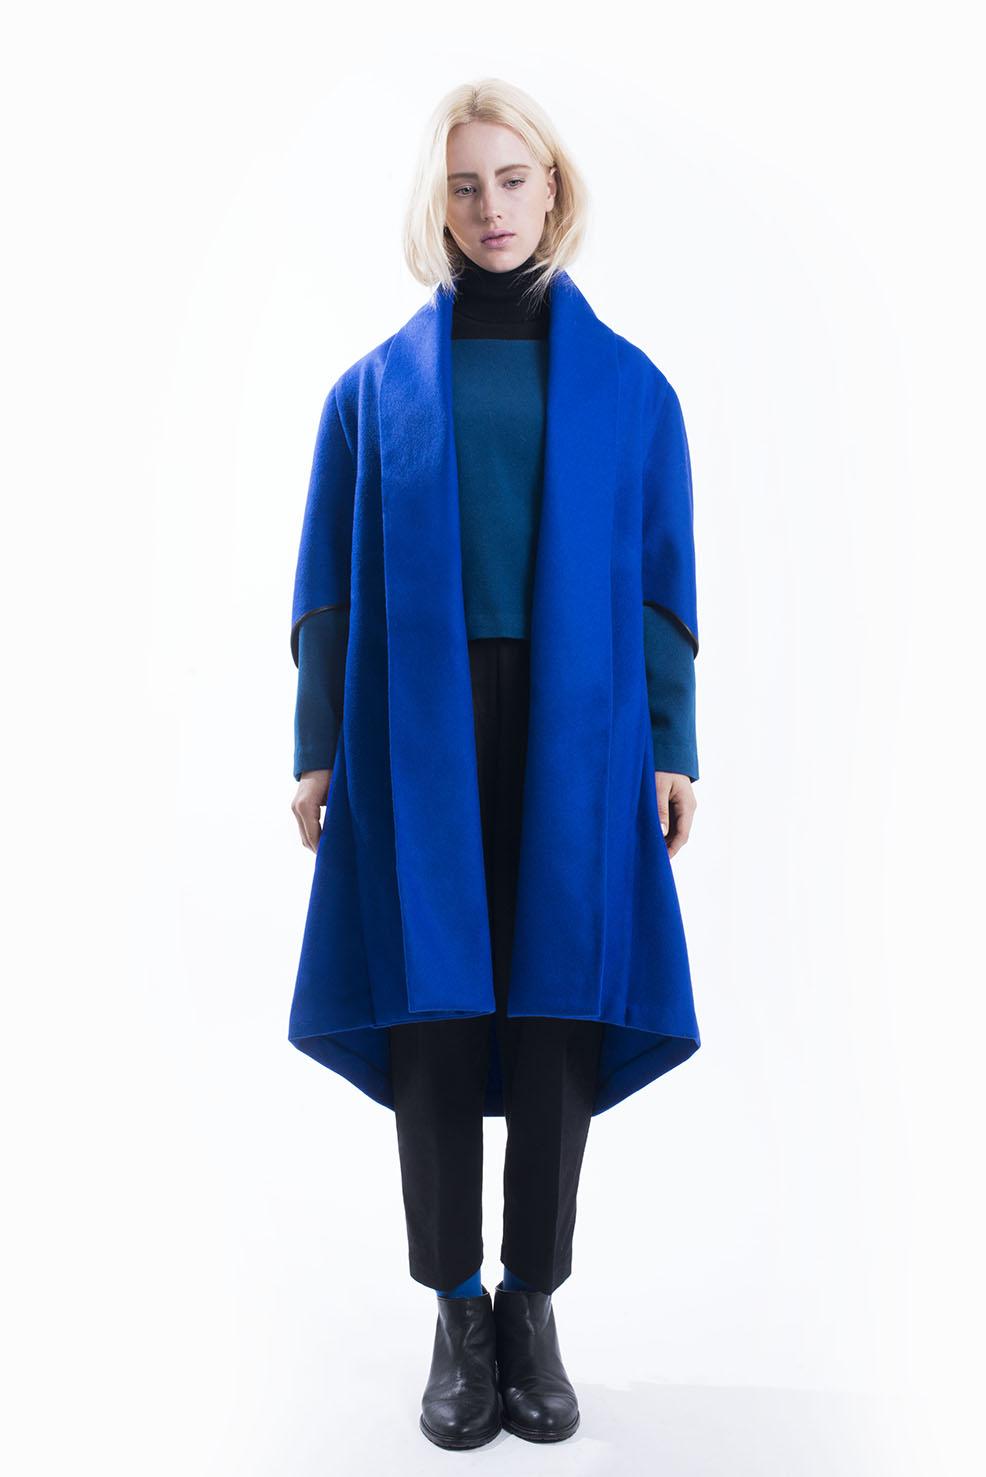 Abrigos y capas: La colección otoño/invierno 2014 de Vera Sielfeld